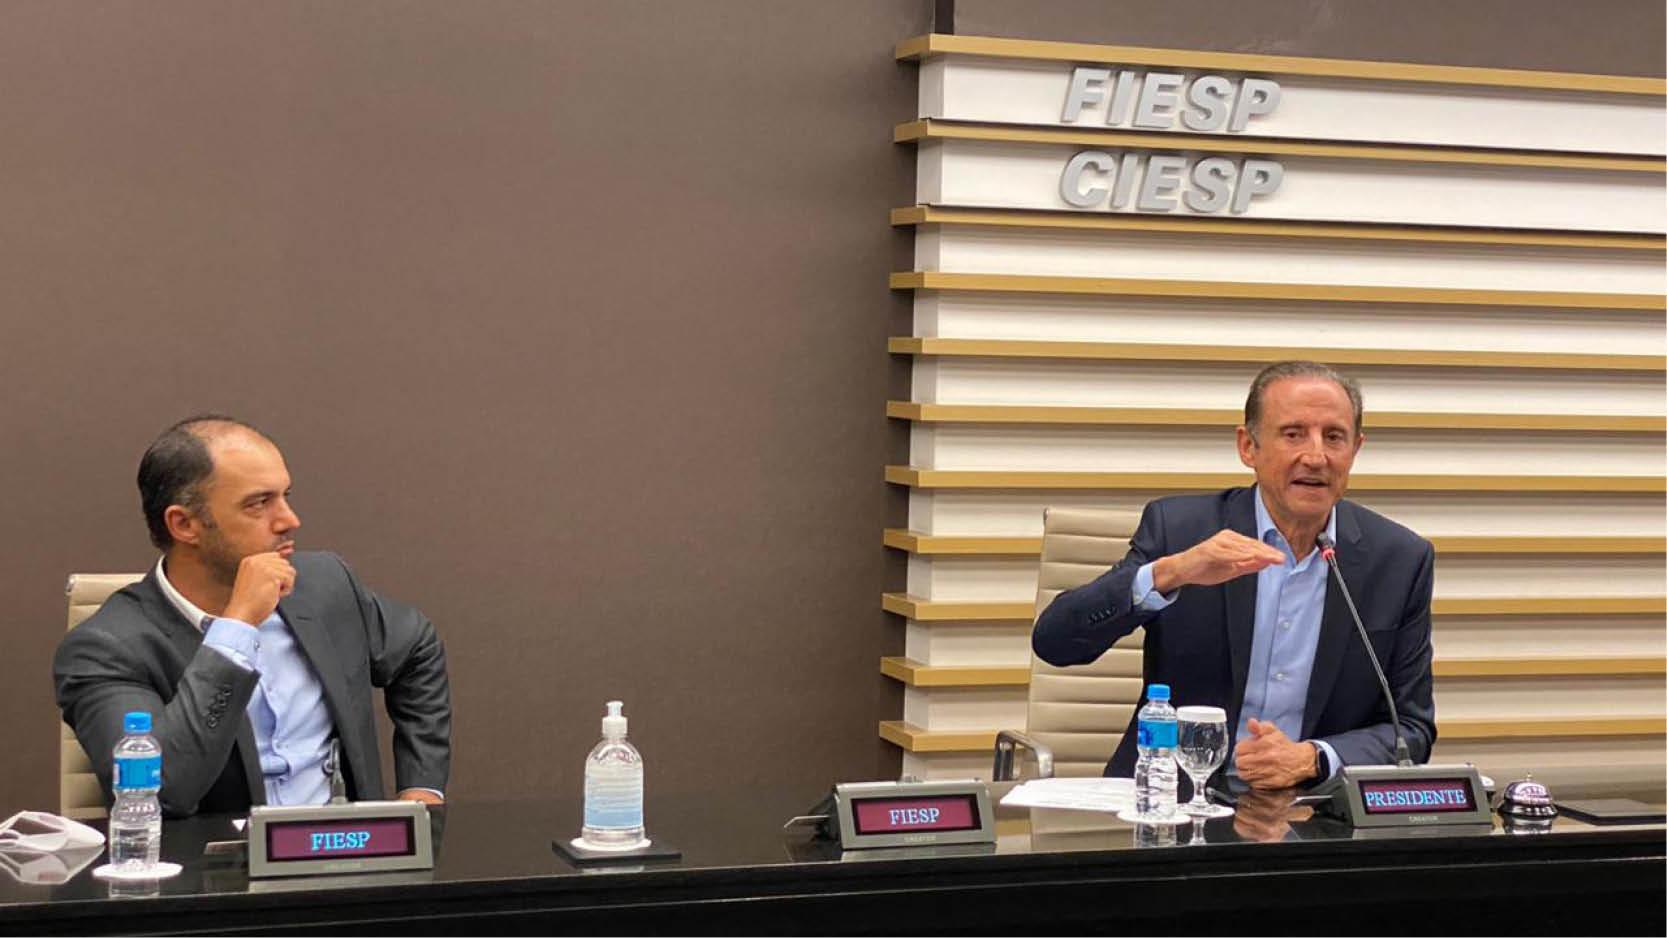 Presidente da Fiesp/Ciesp defende a retomada segura das atividades, observando protocolos de distanciamento e uso de máscaras